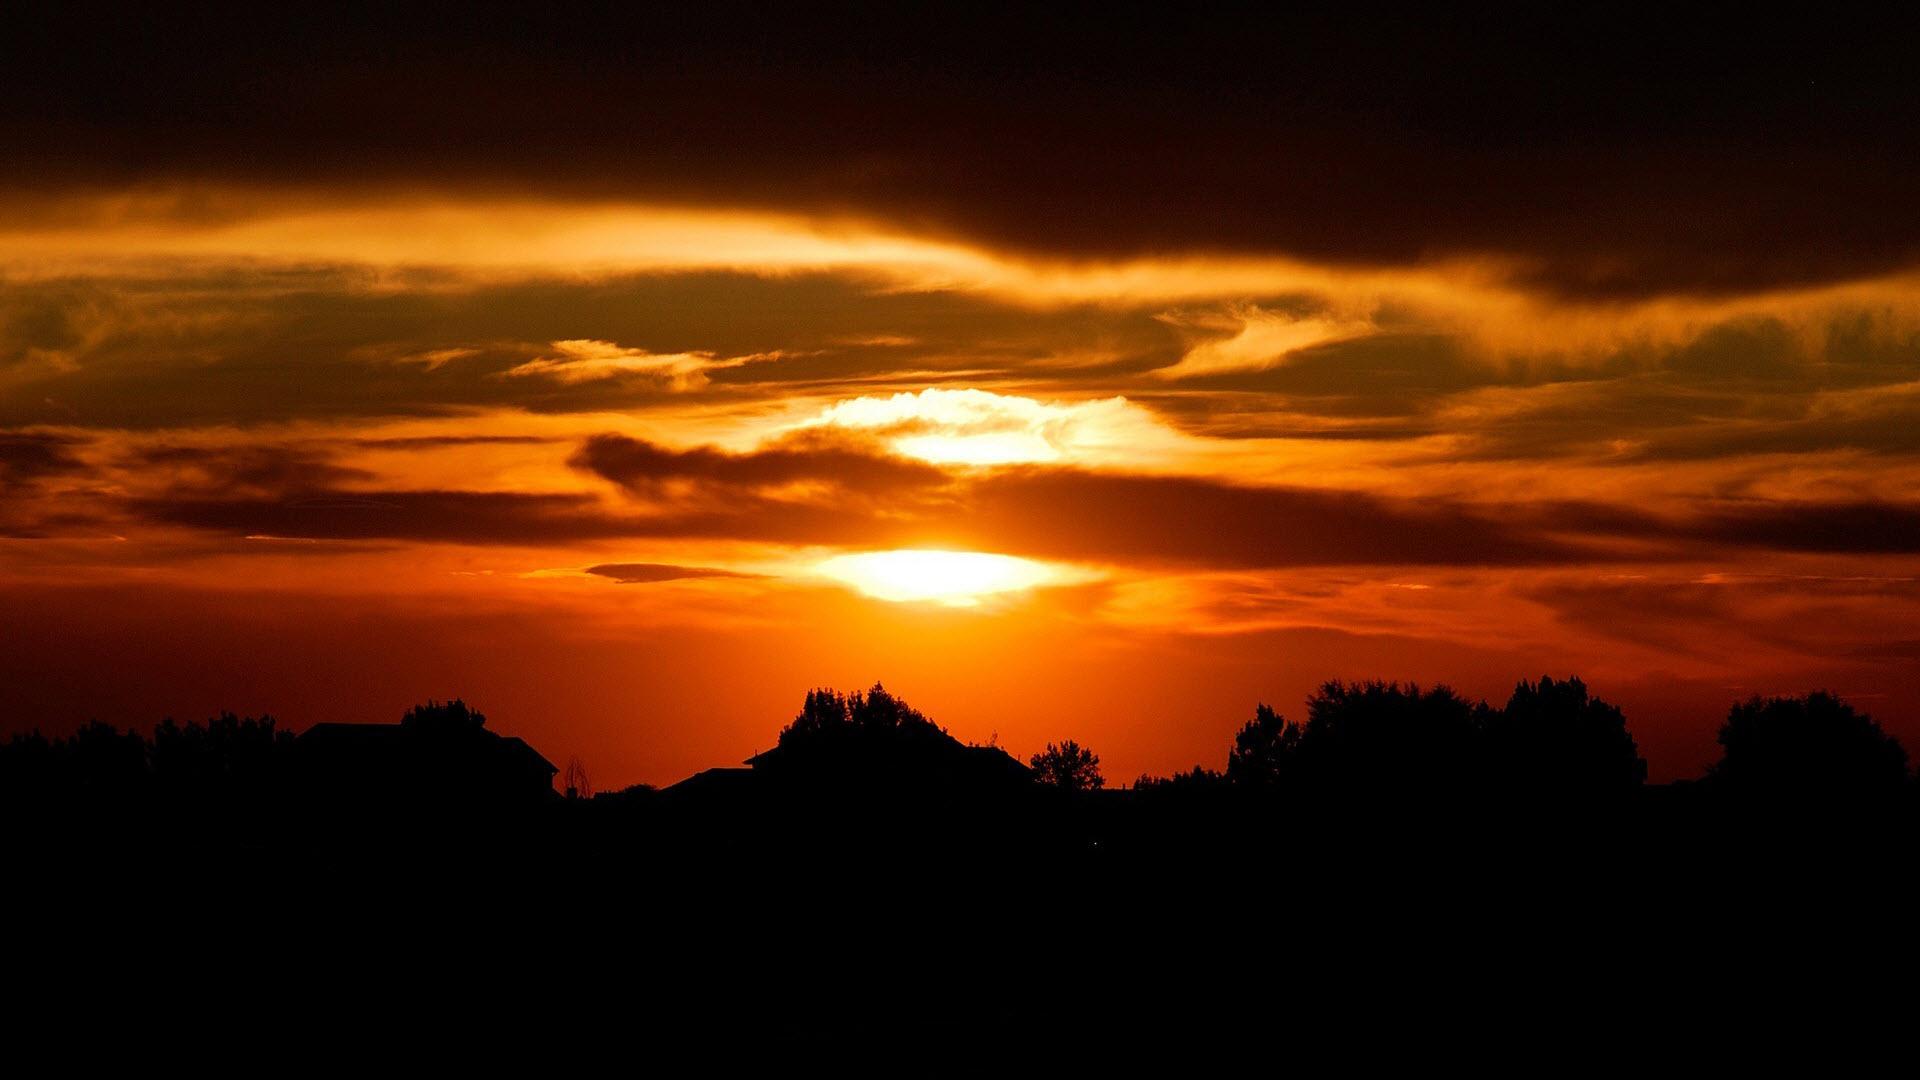 Beautiful Sunset Wallpaper For Desktop 1920x1080